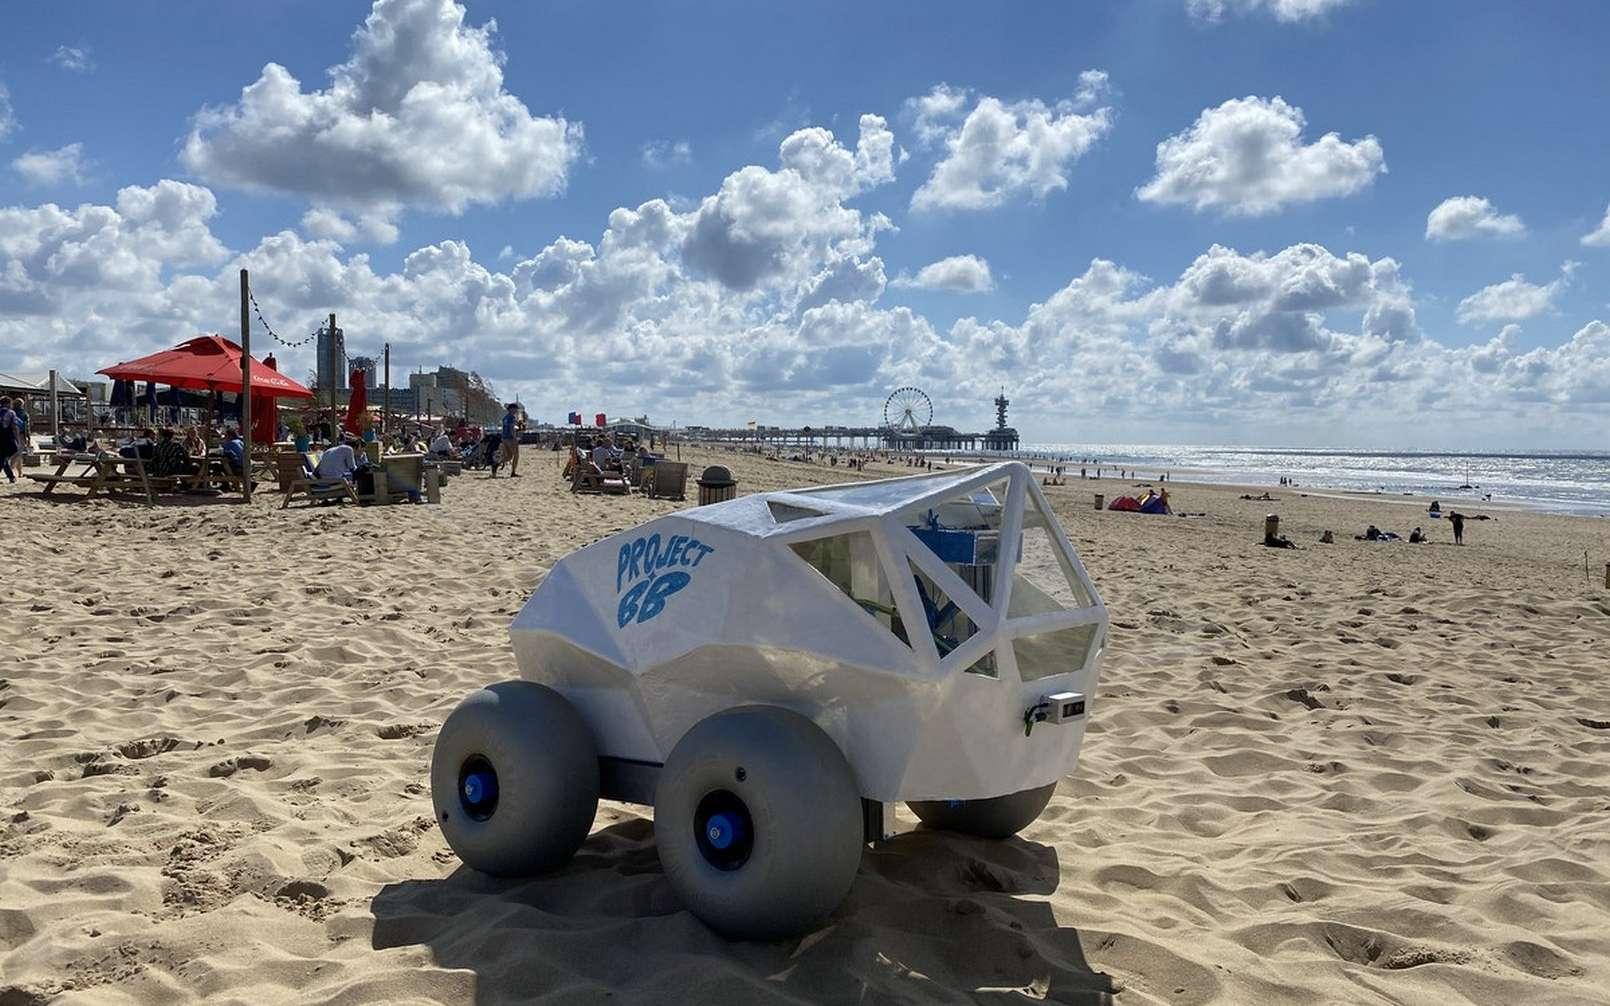 Le robot BeachBot ramasseur de mégots sur les plages. © Project BB